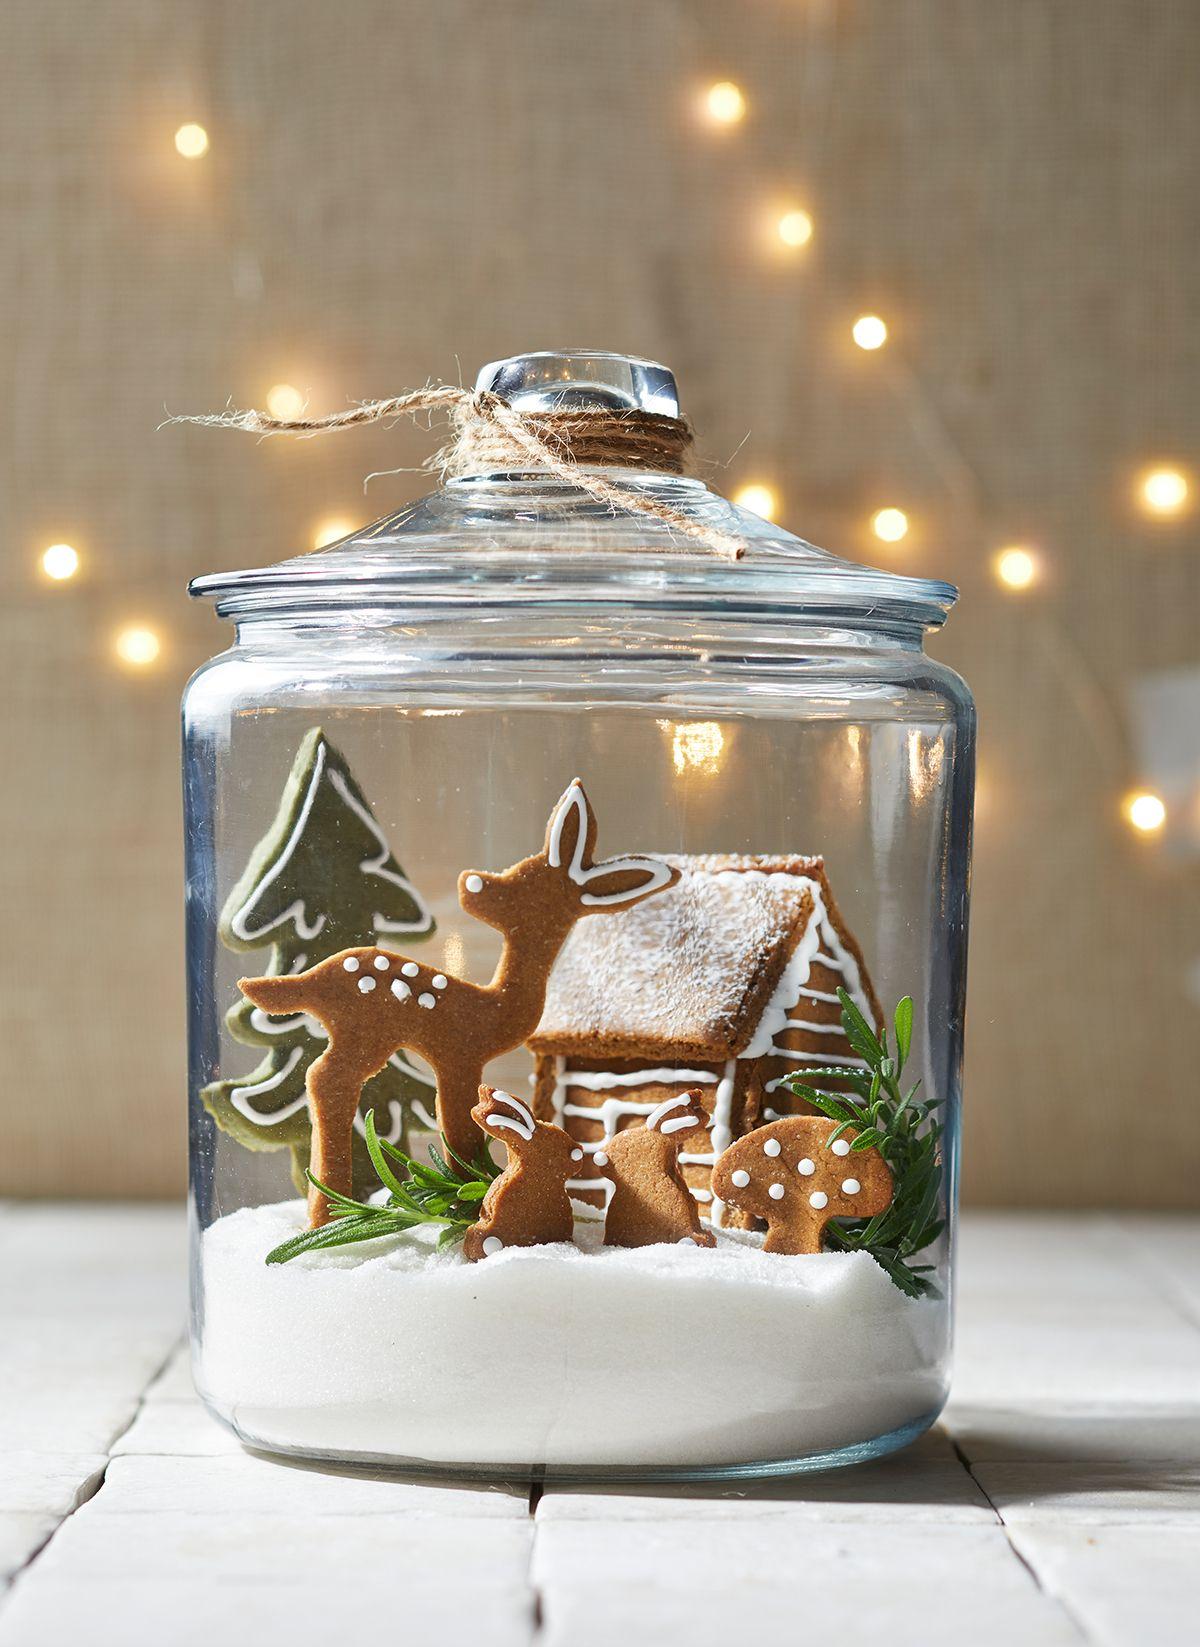 a80f91c8fc4d81392abd2714a763e6f0 - Better Homes And Gardens Cookie Jar